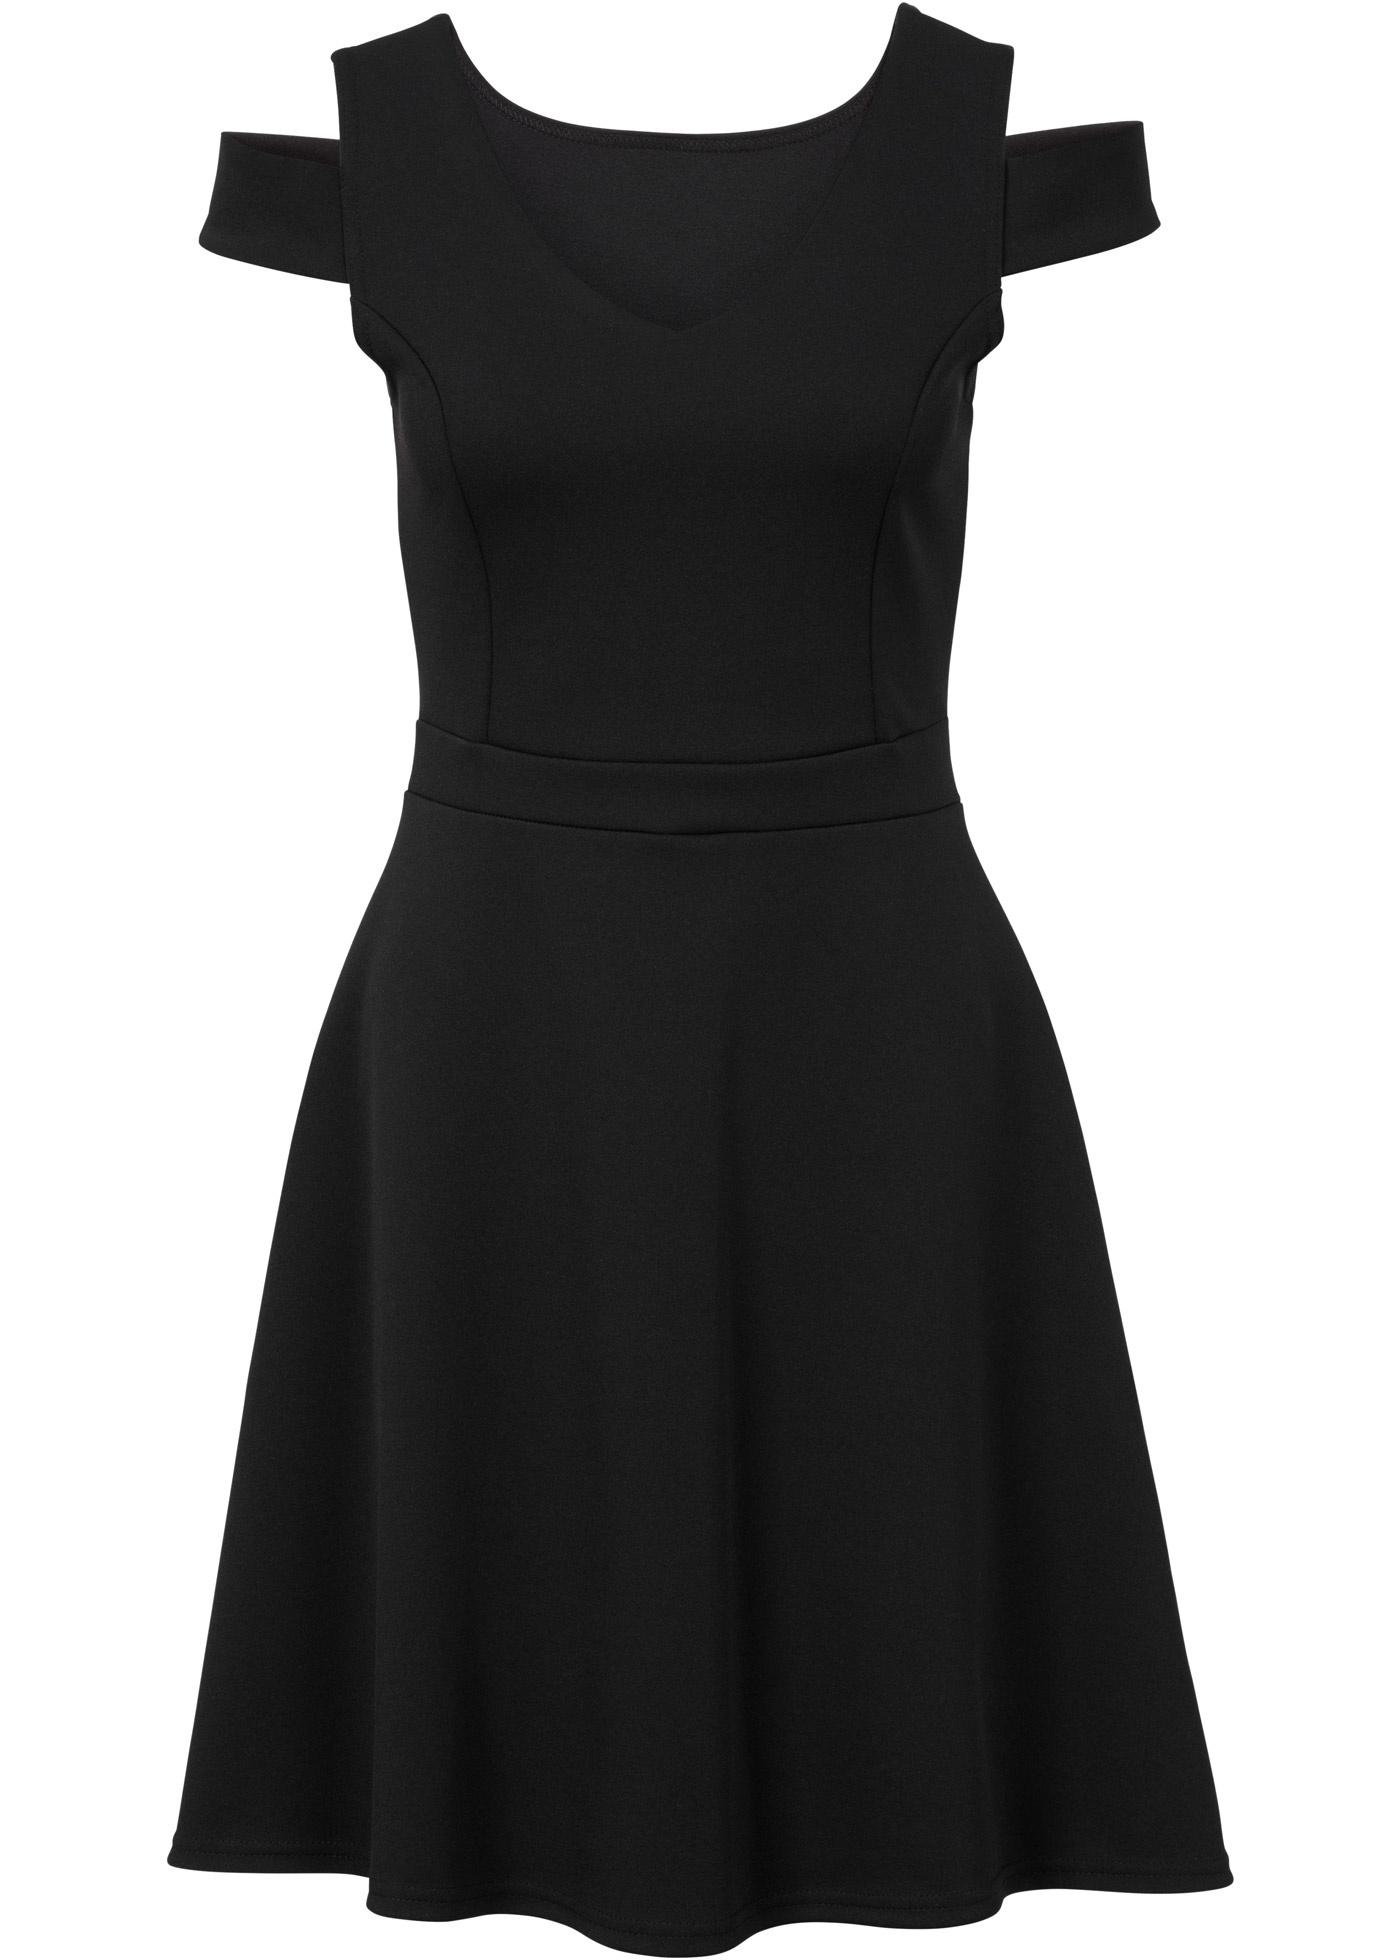 festliches kleid m cut outs gr 48 50 schwarz damenkleid mini cocktailkleid neu. Black Bedroom Furniture Sets. Home Design Ideas